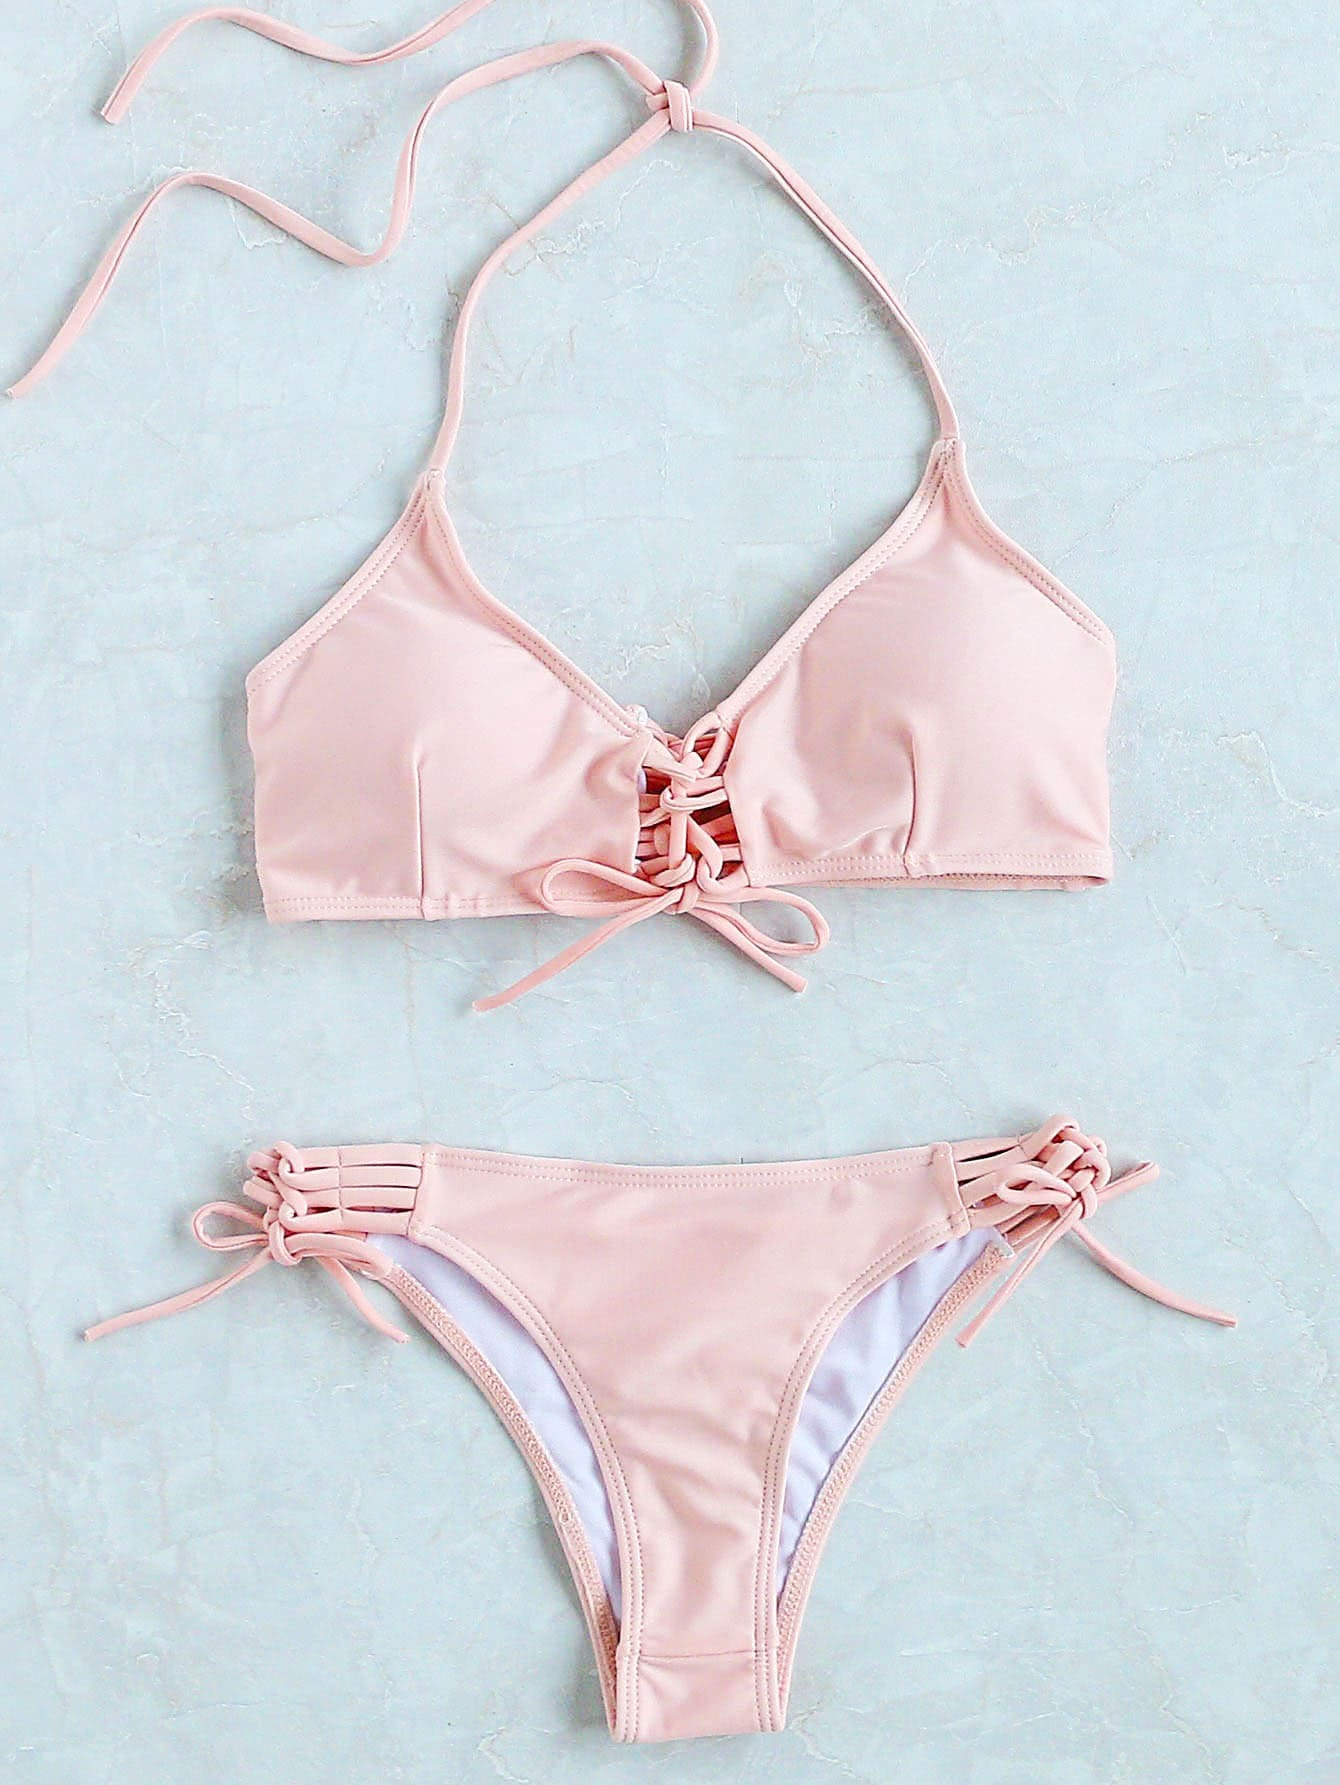 Ladder Cutout Lace Up Bikini Set swimwear170412330